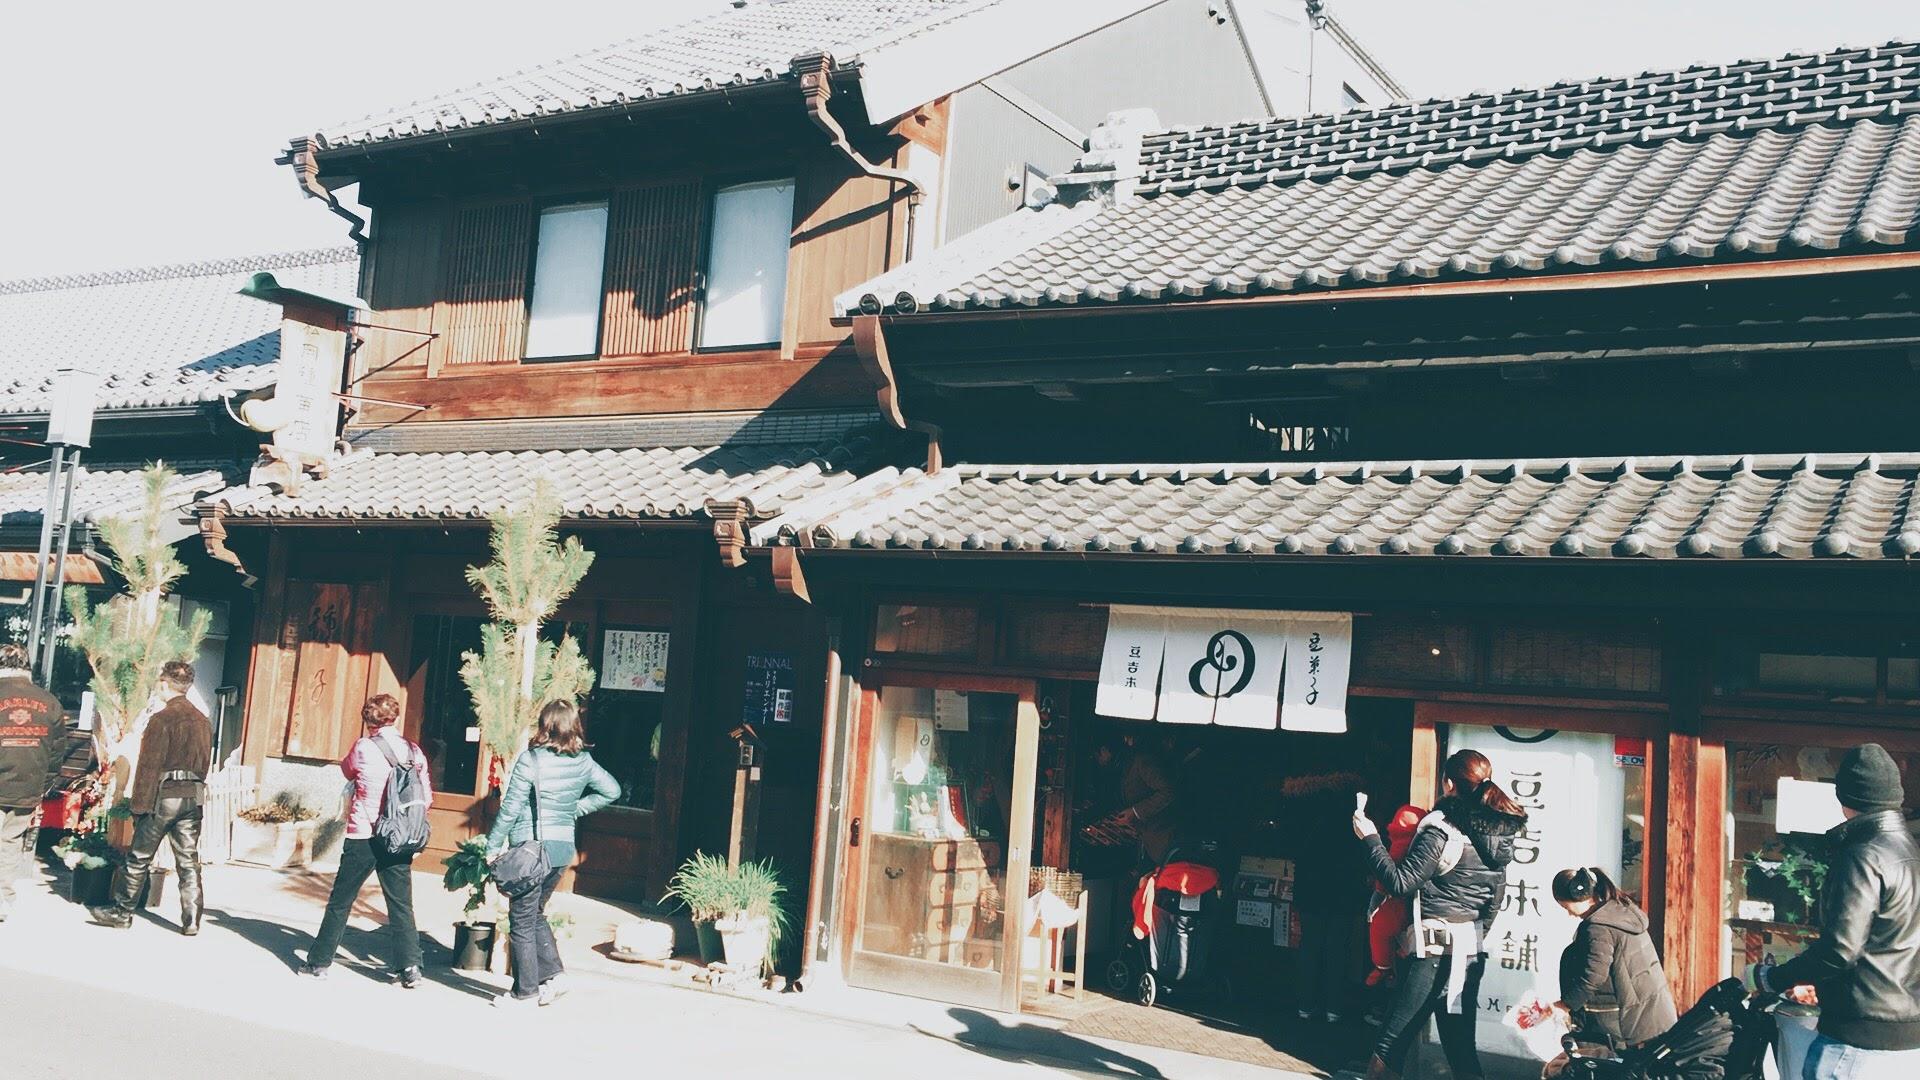 江戸の歴史・文化が薫る蔵の街を巡る〜埼玉県川越市。